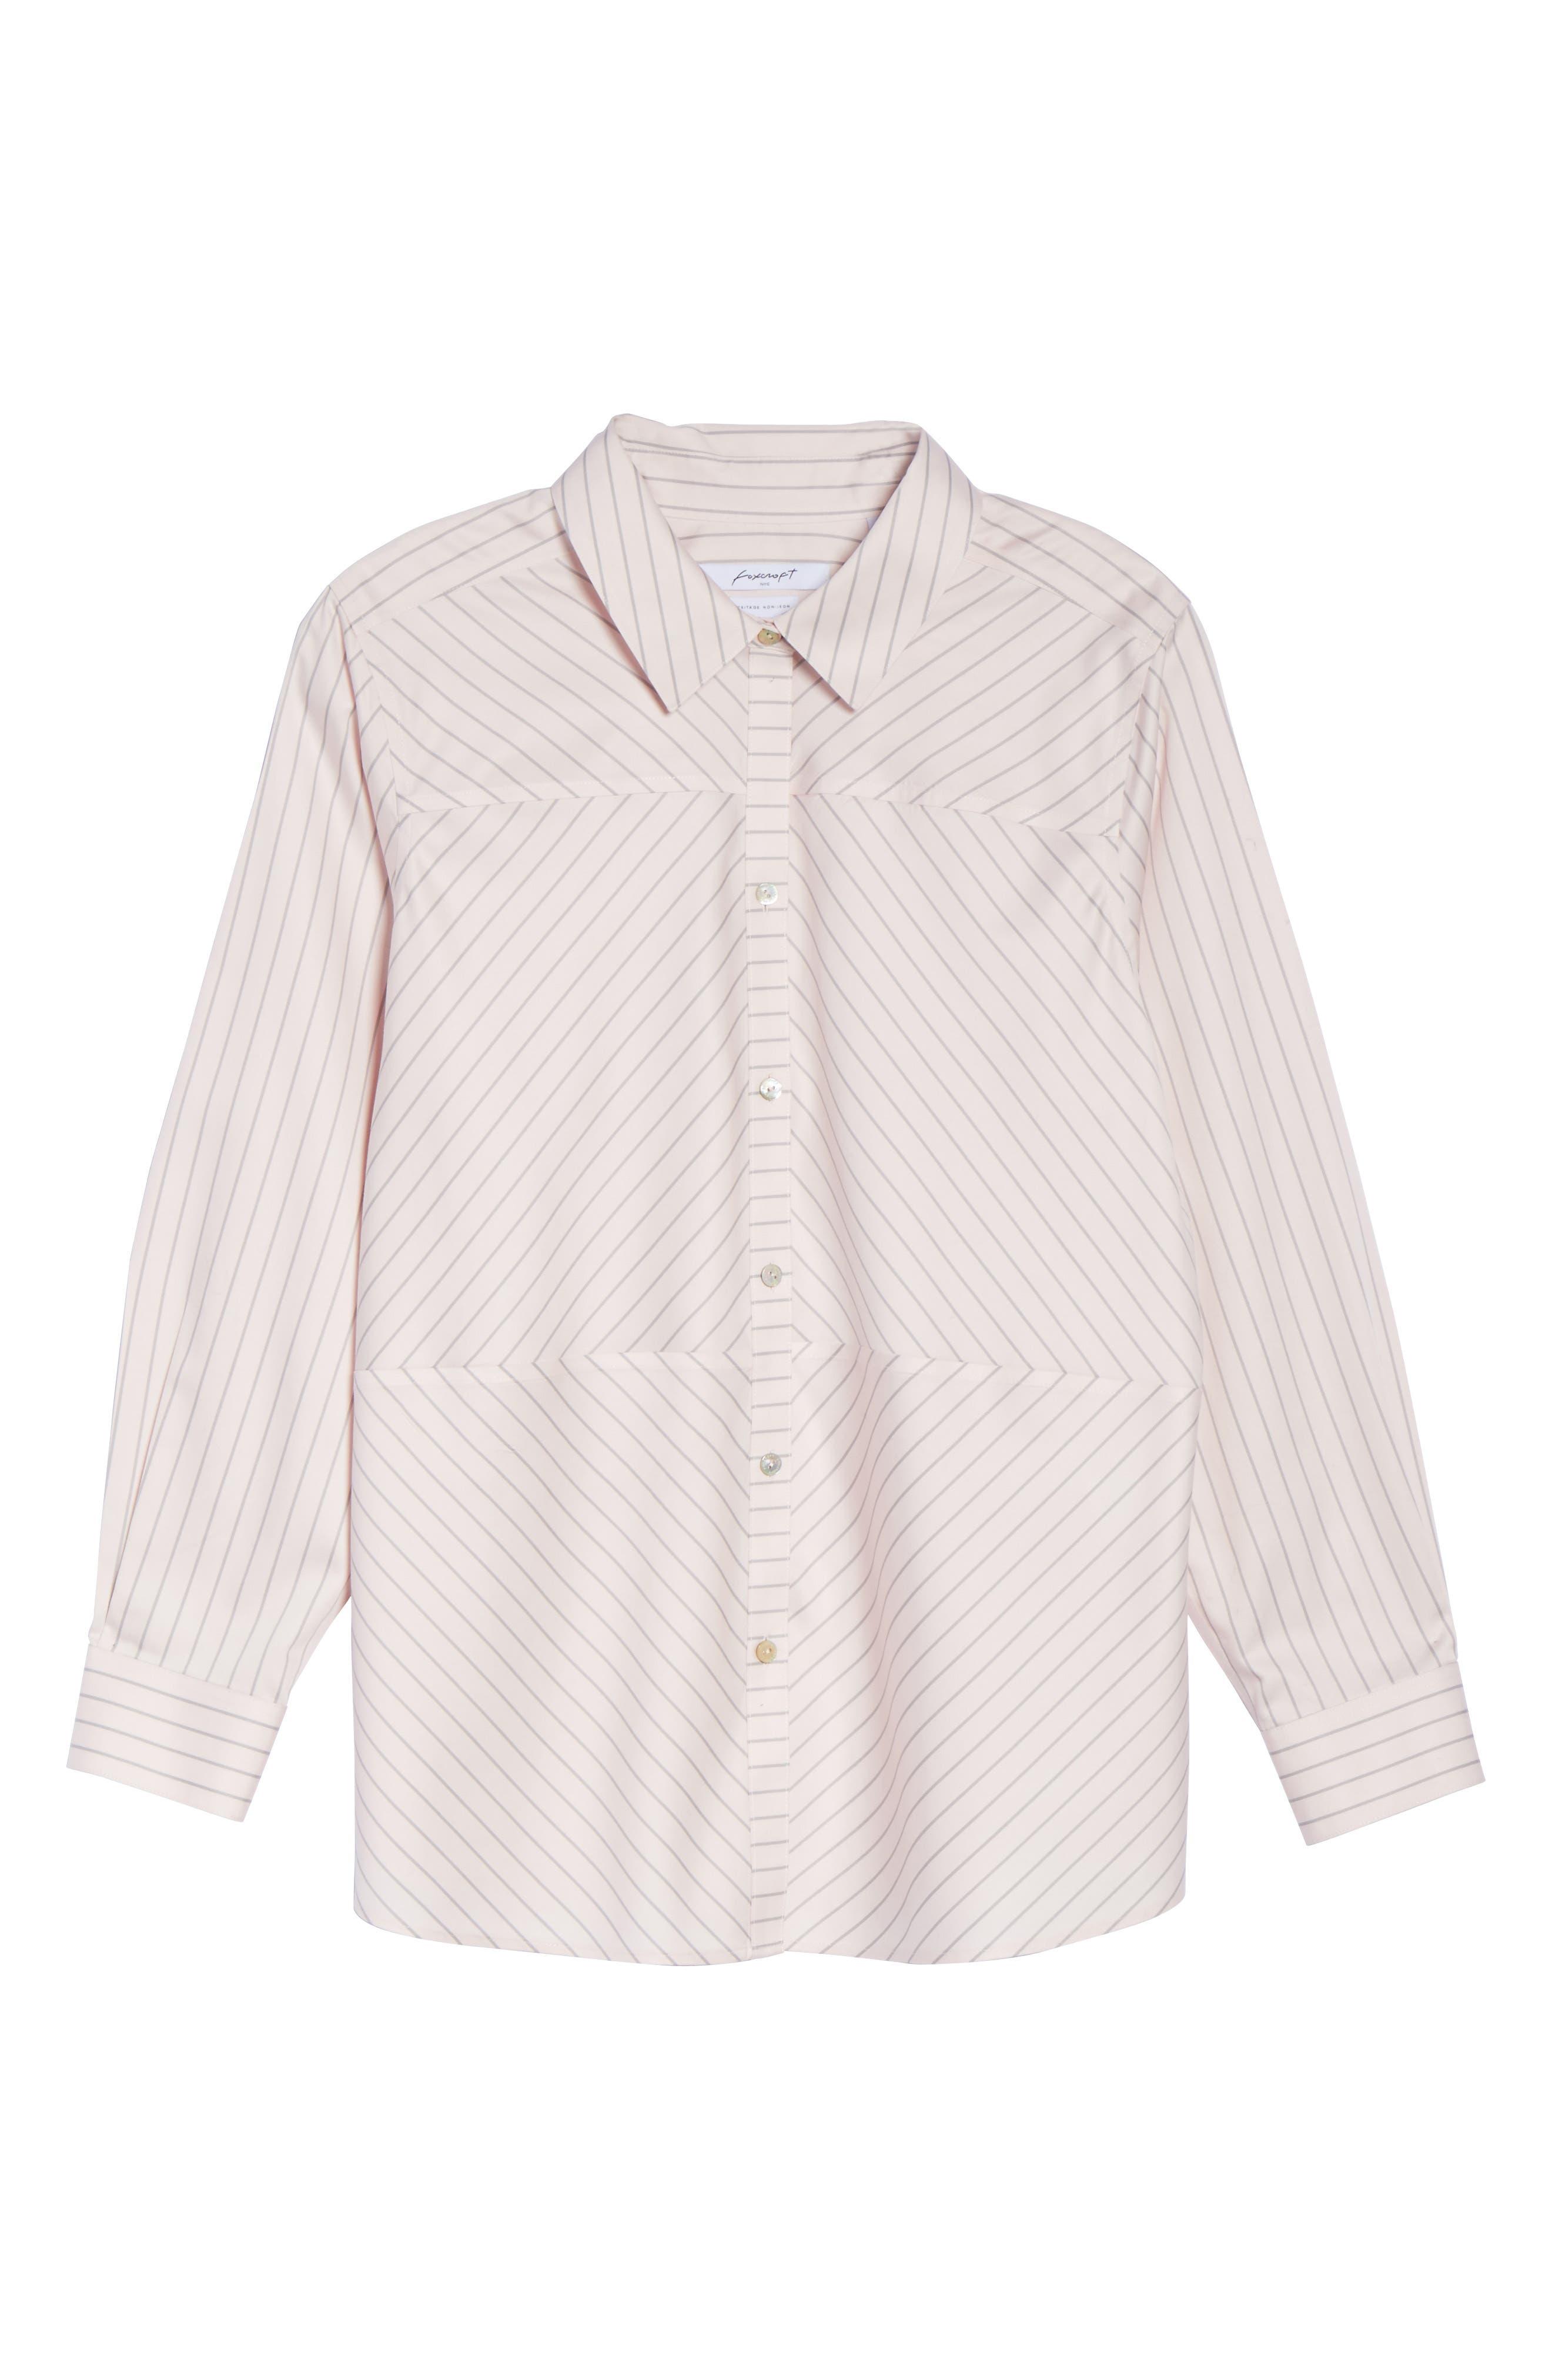 Monica Classic Stripe Shirt,                             Alternate thumbnail 6, color,                             BLUSH